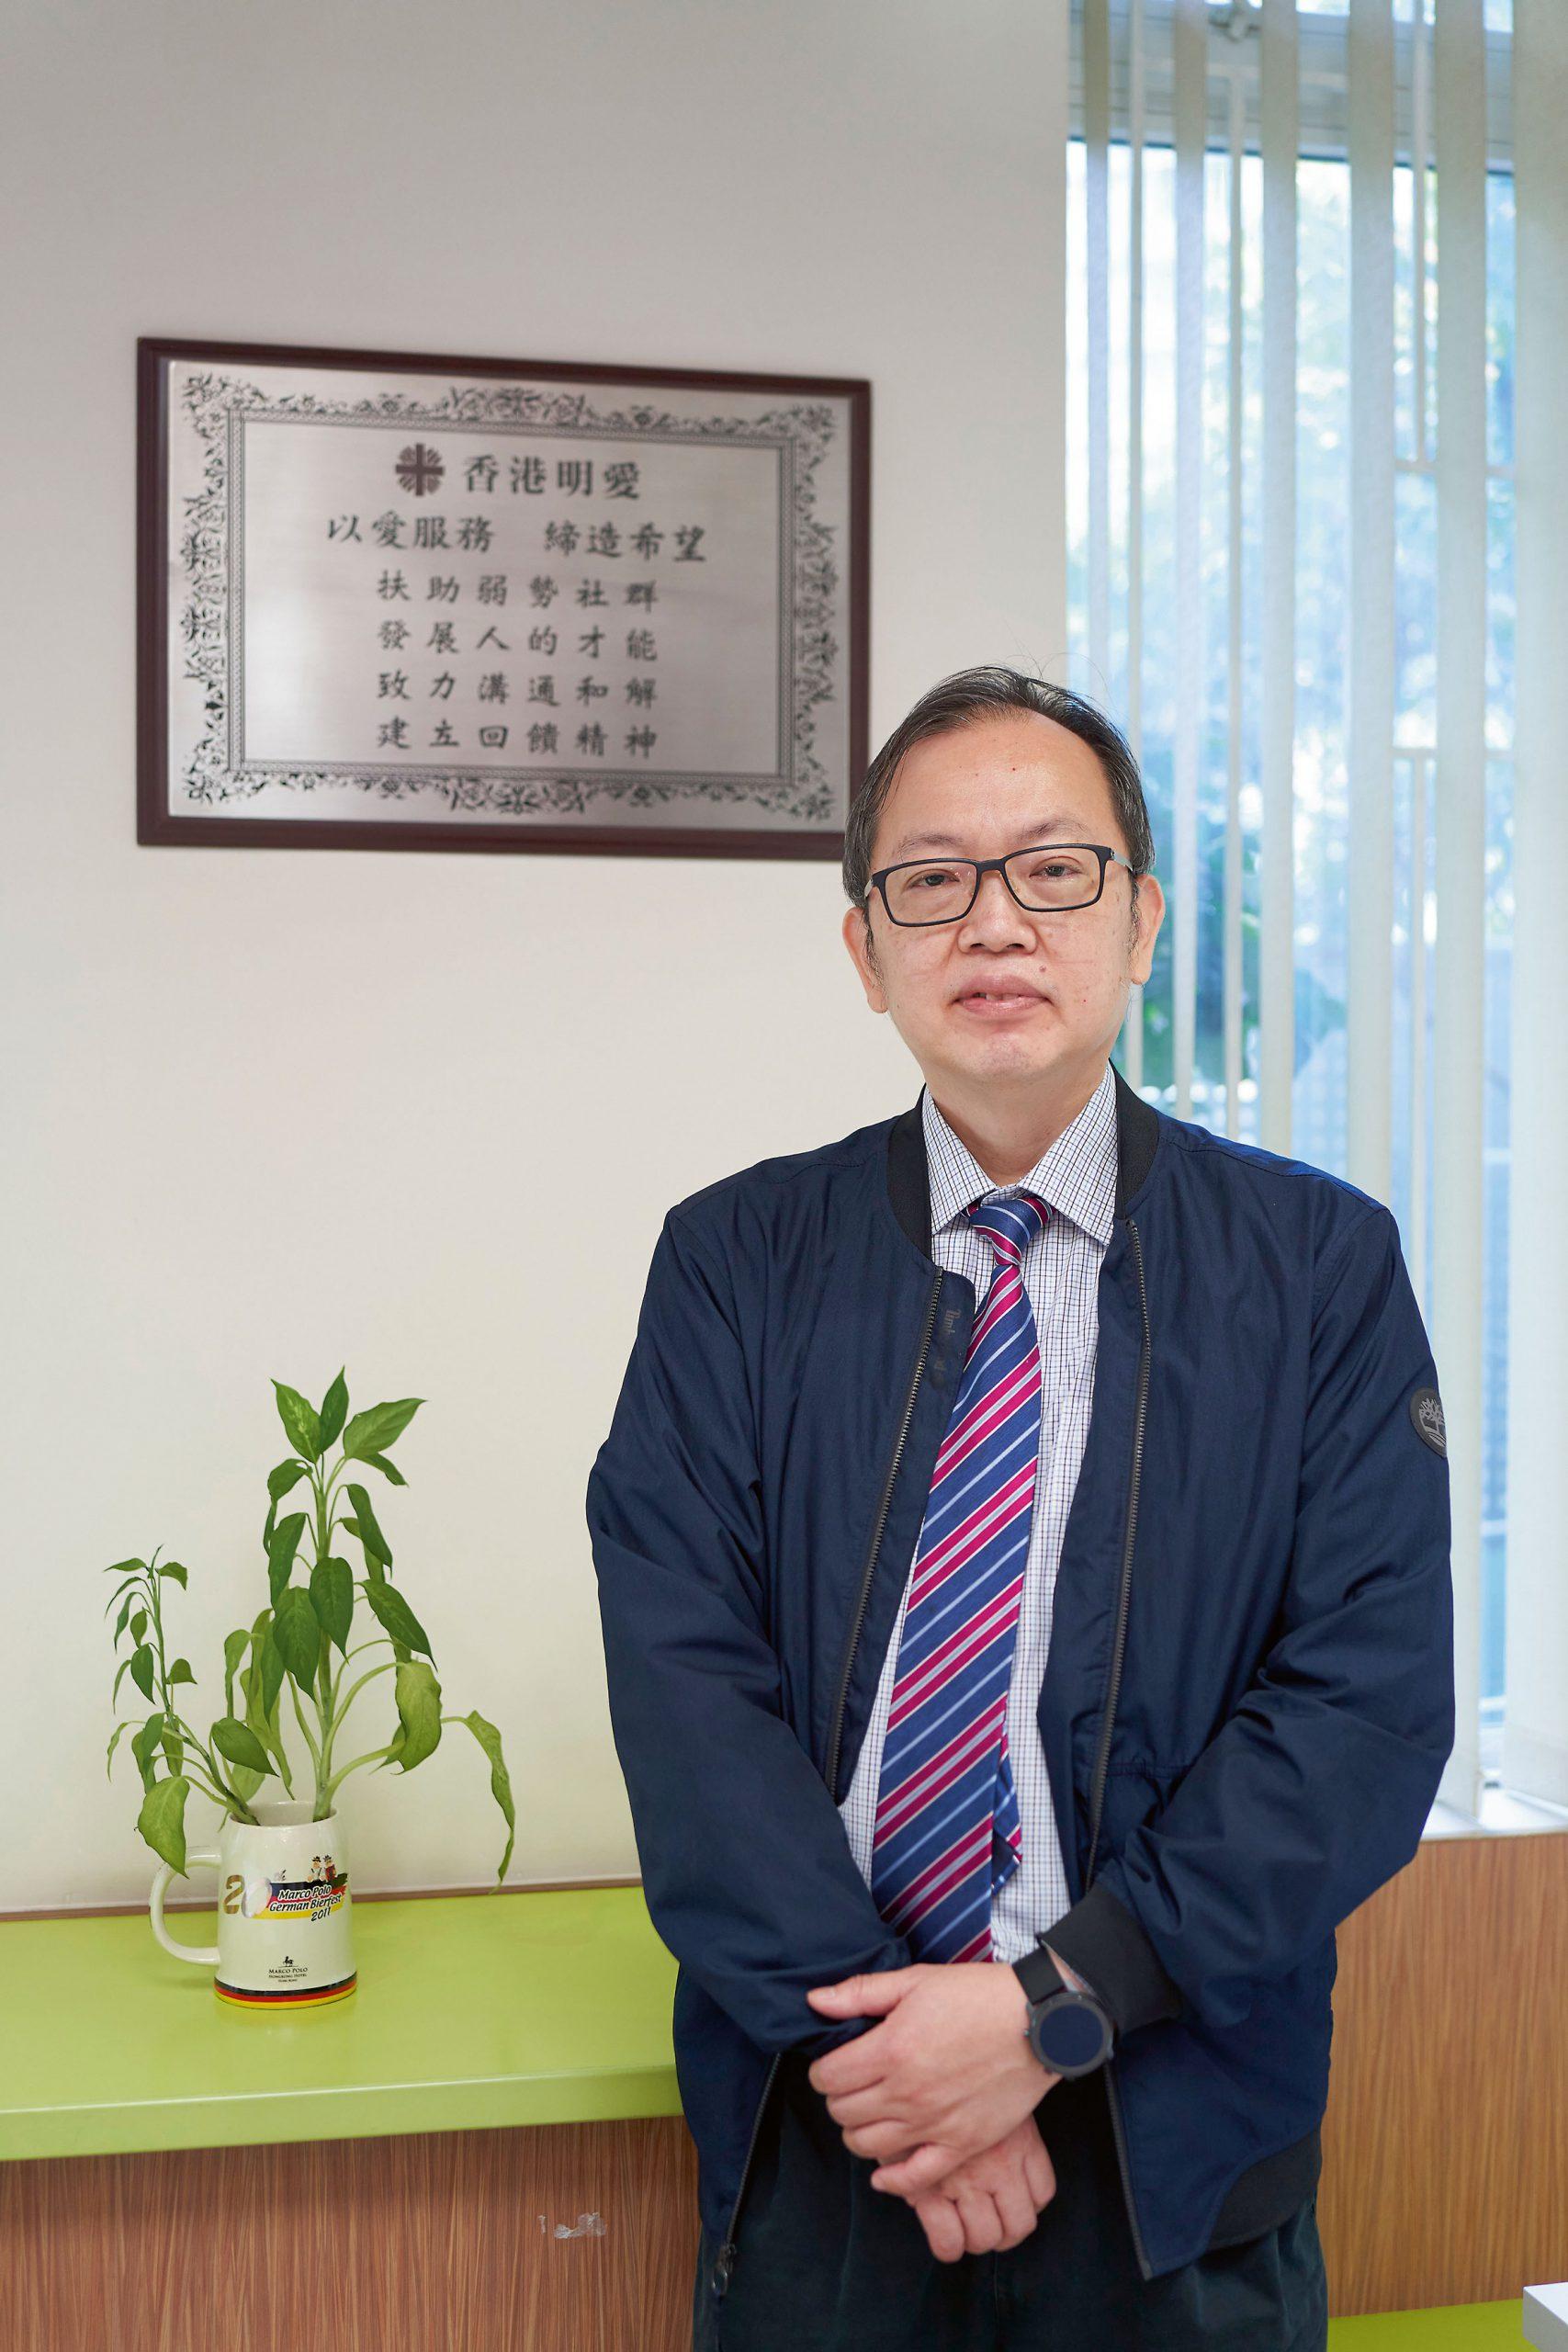 明愛社區書院(CICE)院長熊志忠